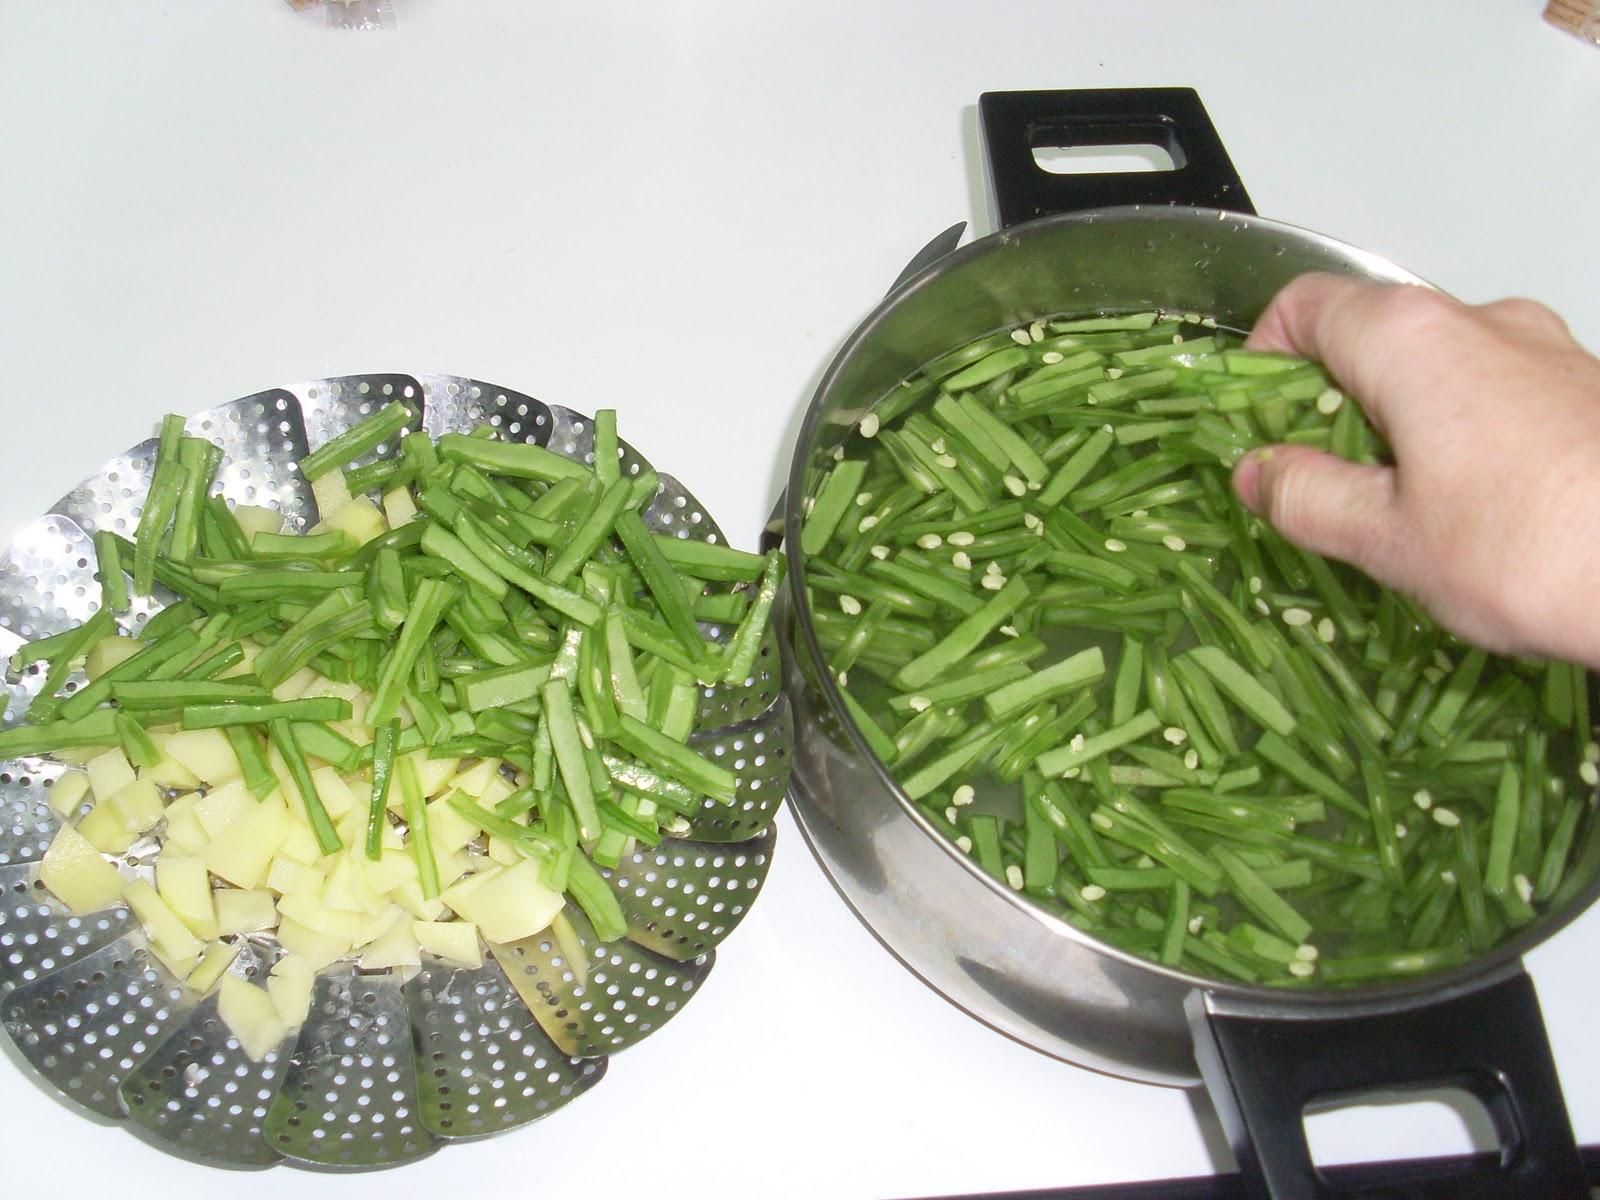 19 hermoso como cocinar las judias verdes im genes - Como hacer judias verdes ...